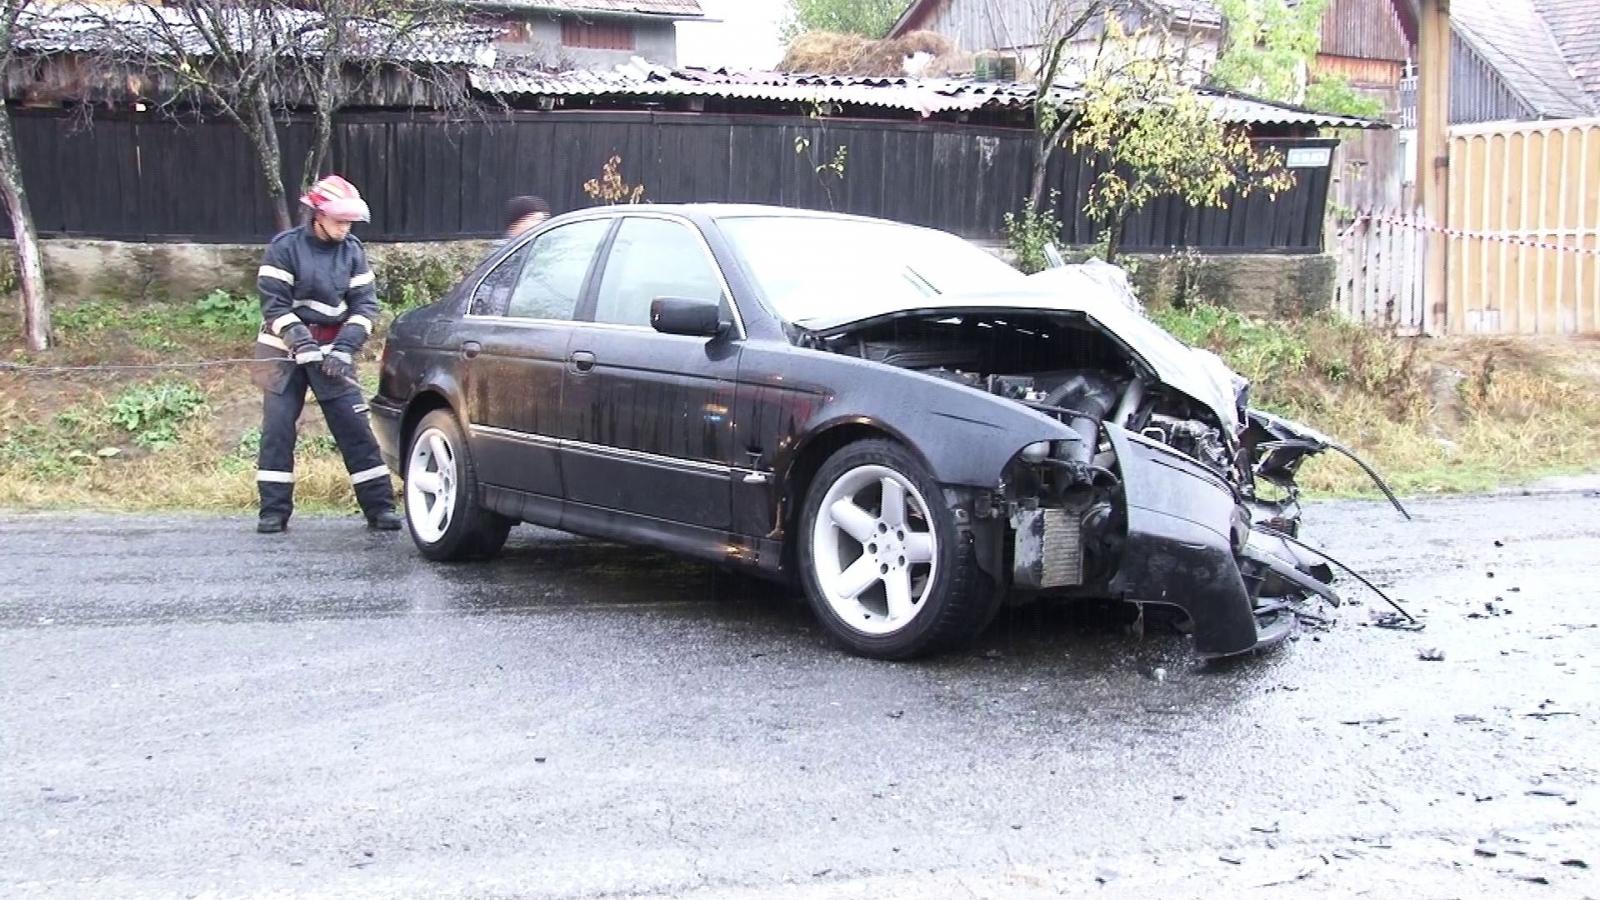 fotovideo-accidente-lant-la-cluj-doua-victime-si-localitatea-dumbrava-update_0